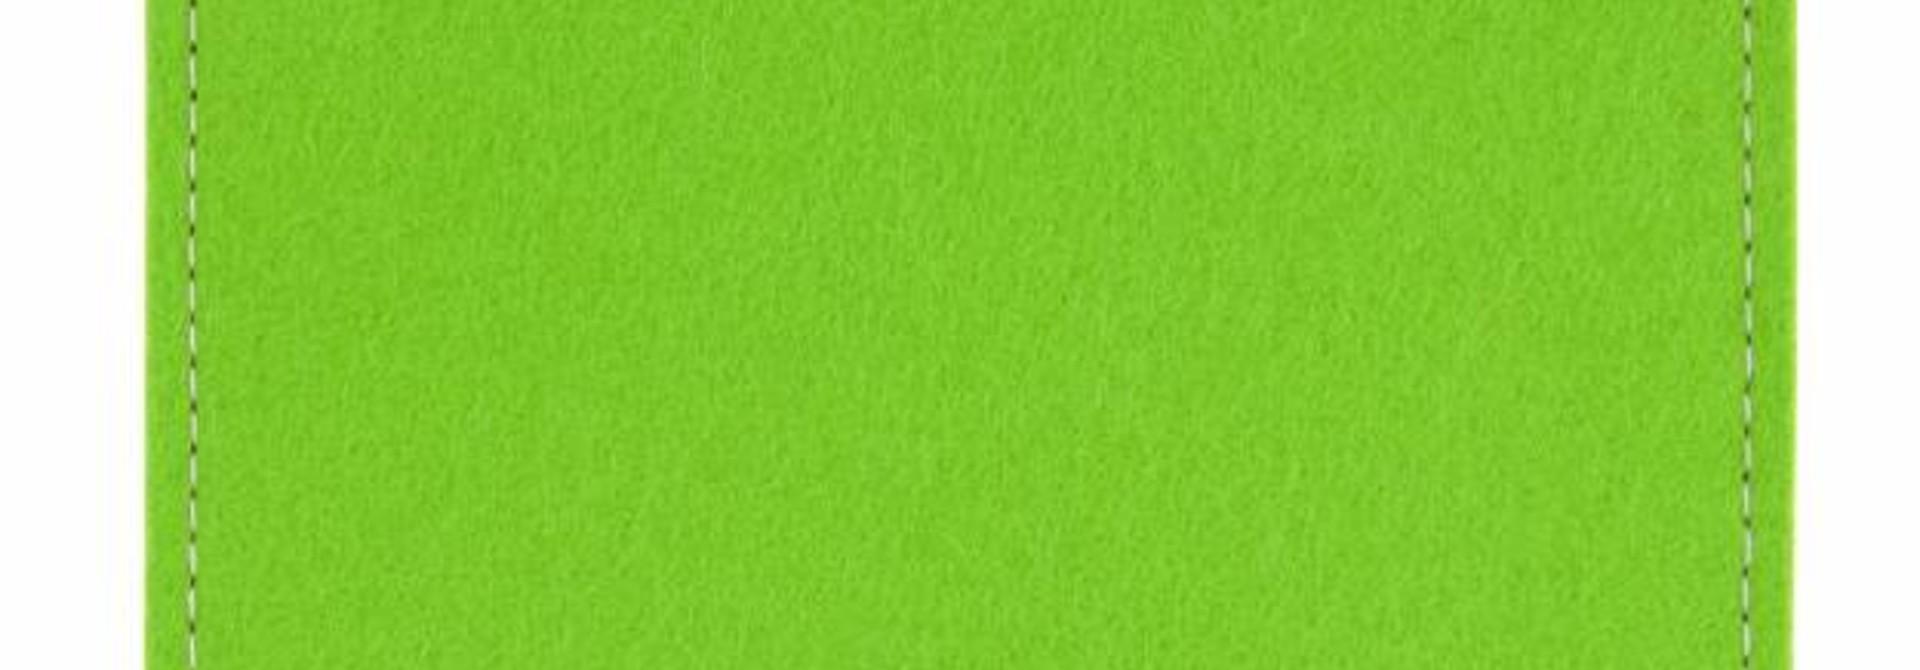 ZenBook Sleeve Bright-Green